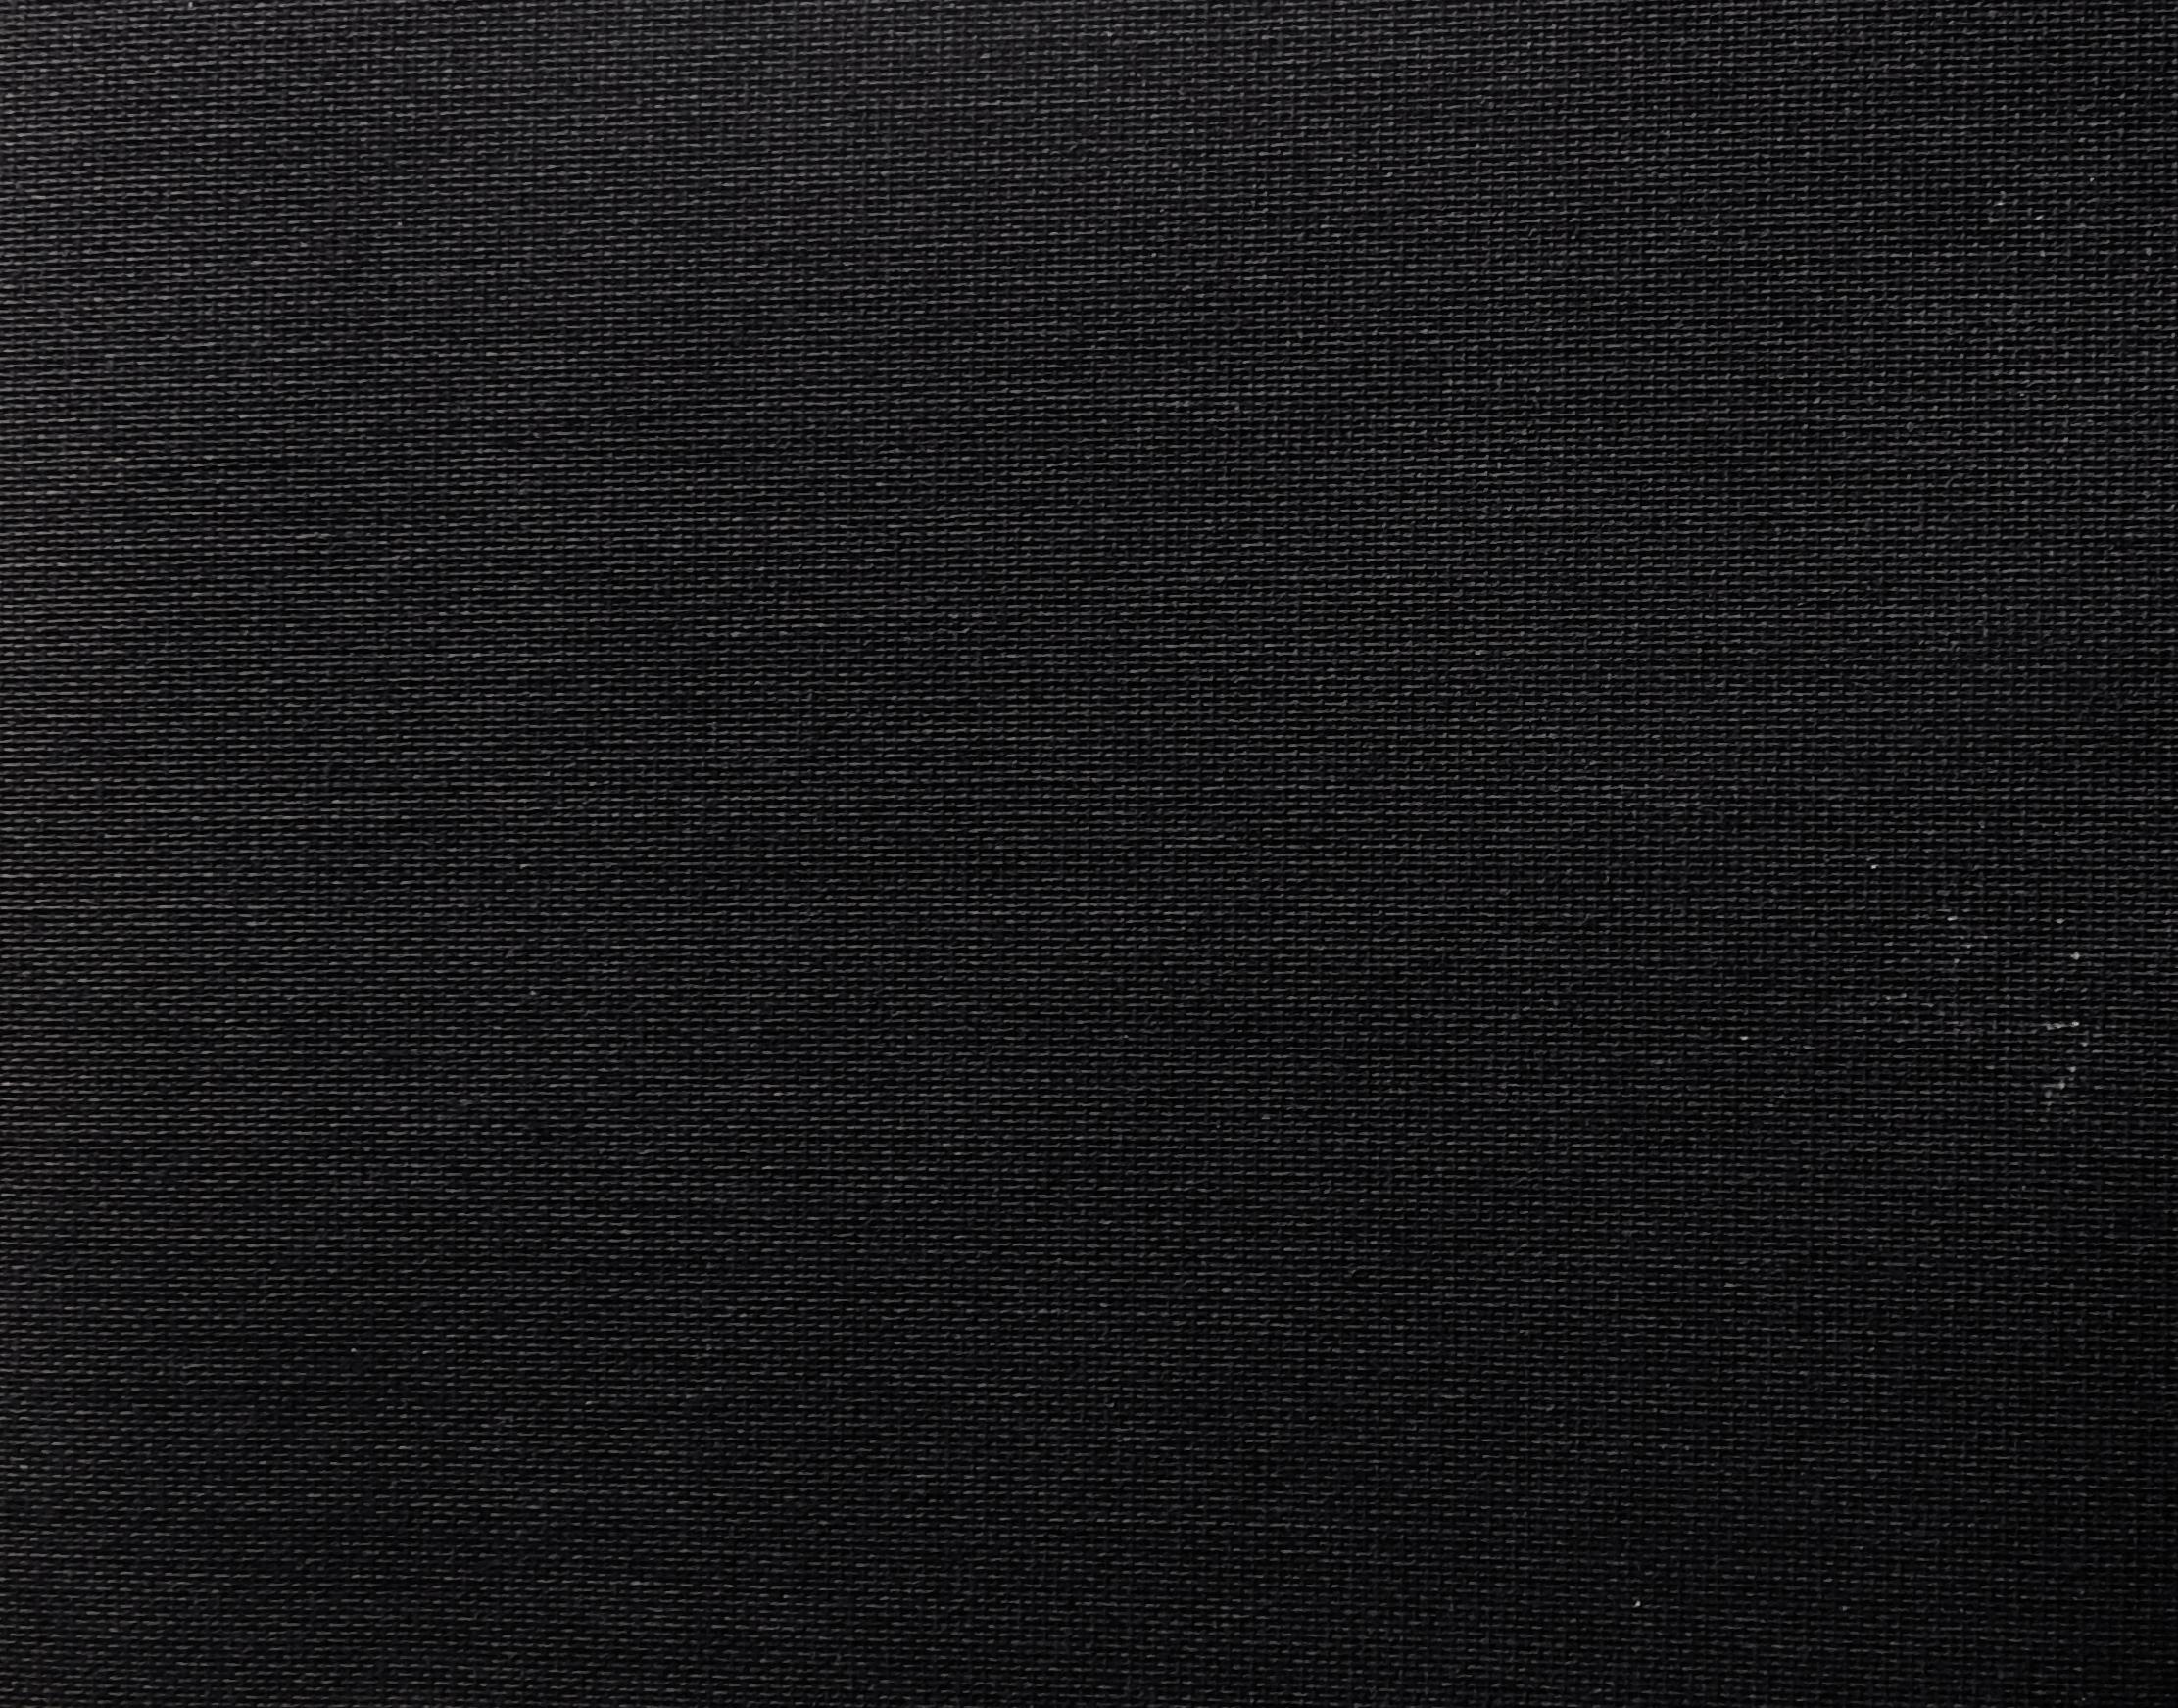 Buy 2228 228 Jet Black Blocout Blinds Online Cassette Blinds